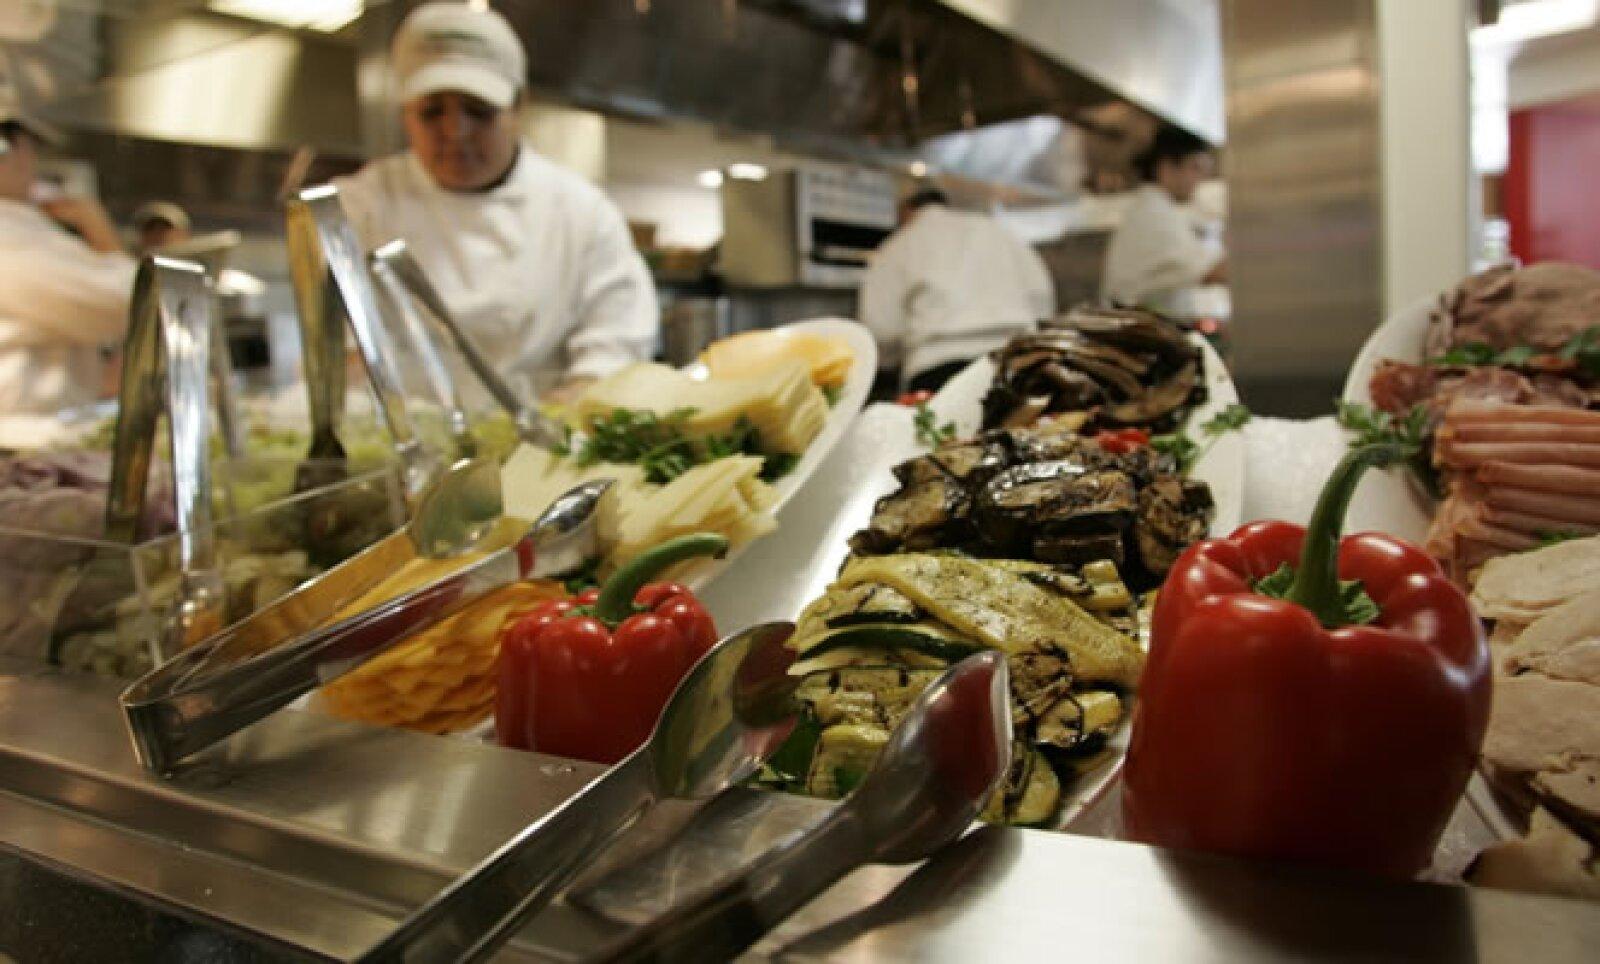 Una instantánea de la cocina que tiene la tecnológica en sus cuarteles generales, en Mountain View, California.